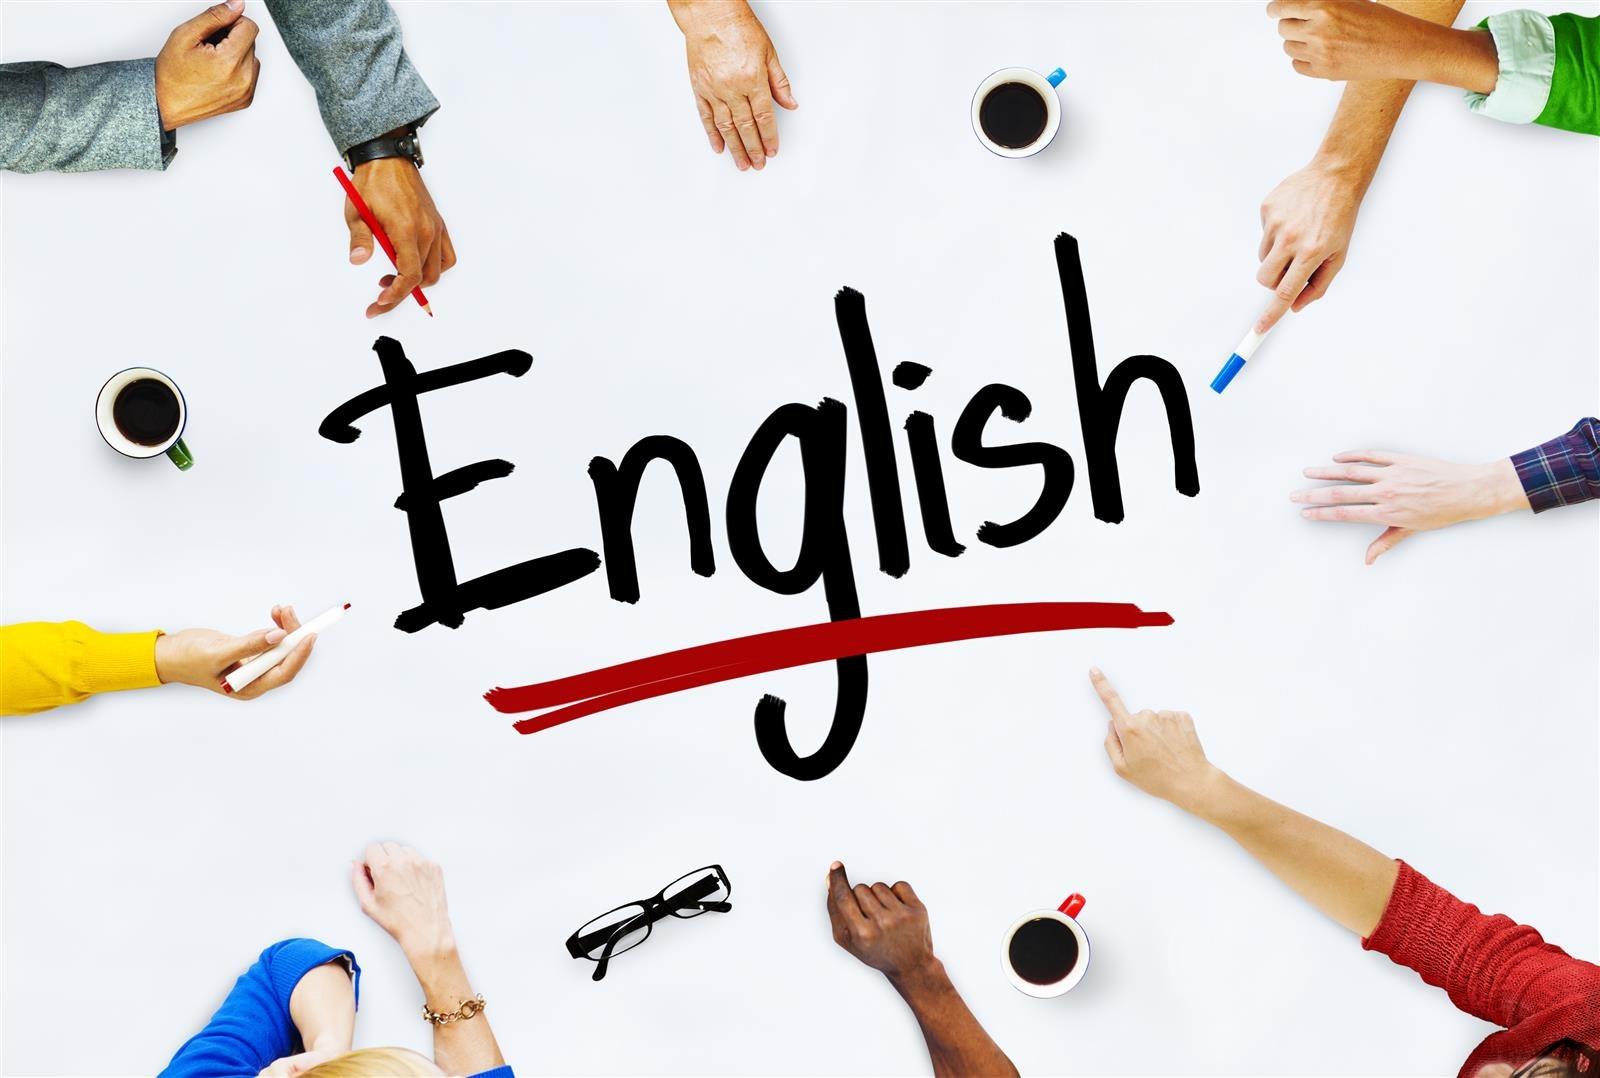 بالصور كلمات انجليزية مهمة , تعلم اهم المحادثات مهمه بالانجيلزية 4425